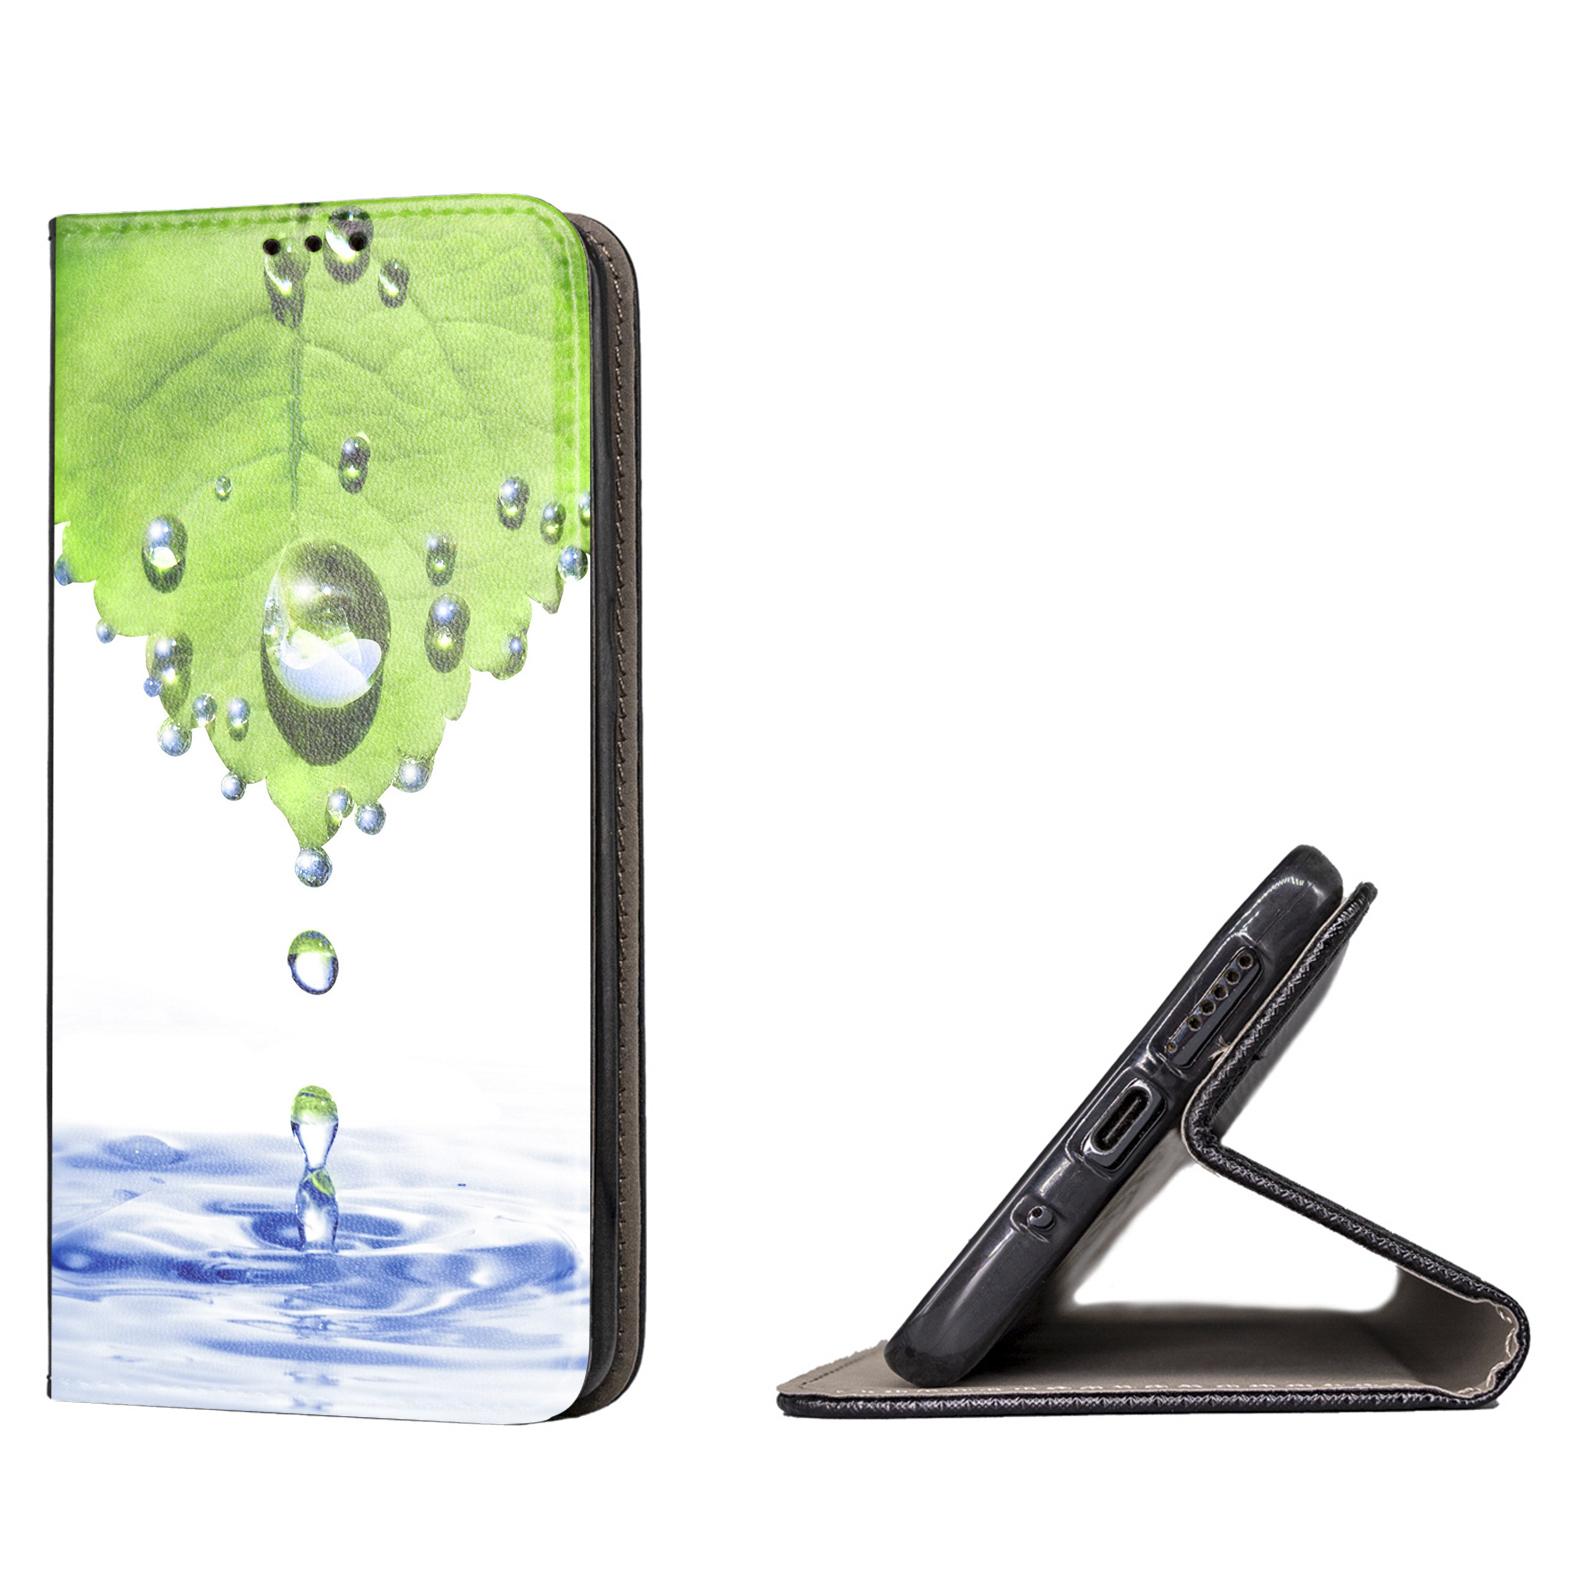 Premium-Huelle-Flip-Cover-Handyhuelle-Etui-Case-Schutzhuelle-Smart113-9